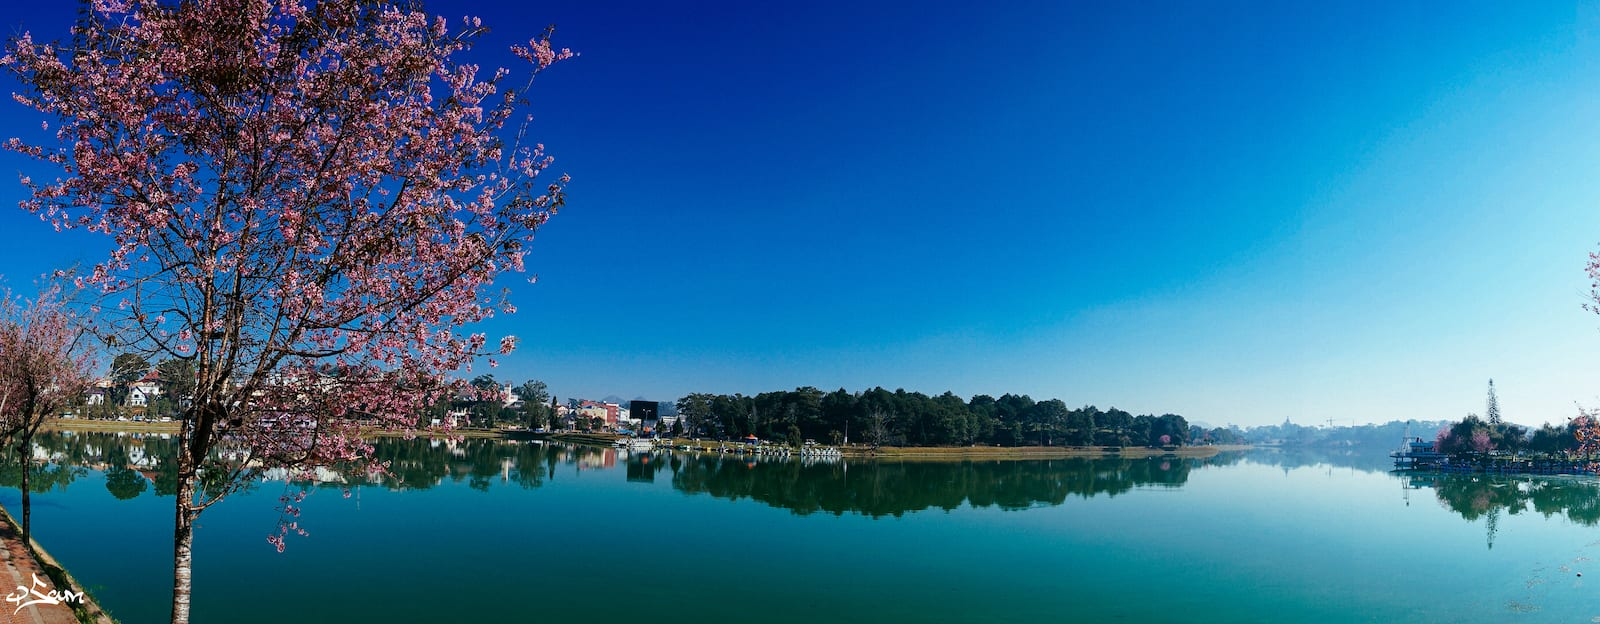 Ho Xuan Huong Lake, Da Lat